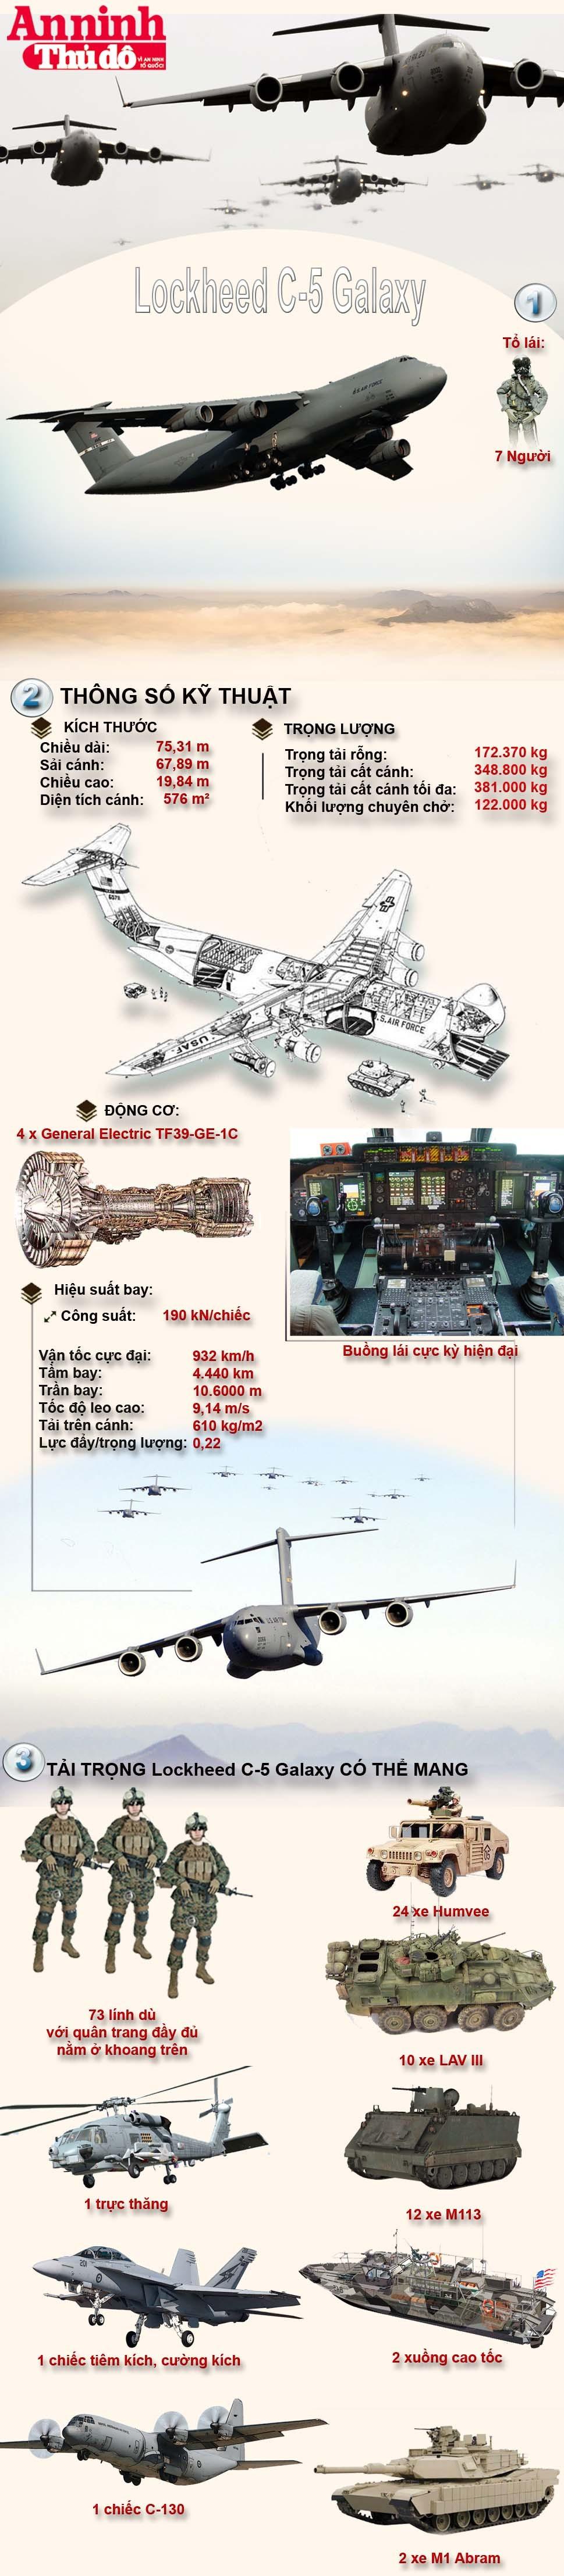 """[Infographic] Lockheed C-5 Galaxy - """"Lực sĩ"""" thồ hàng khỏe nhất của Không lực Mỹ ảnh 1"""